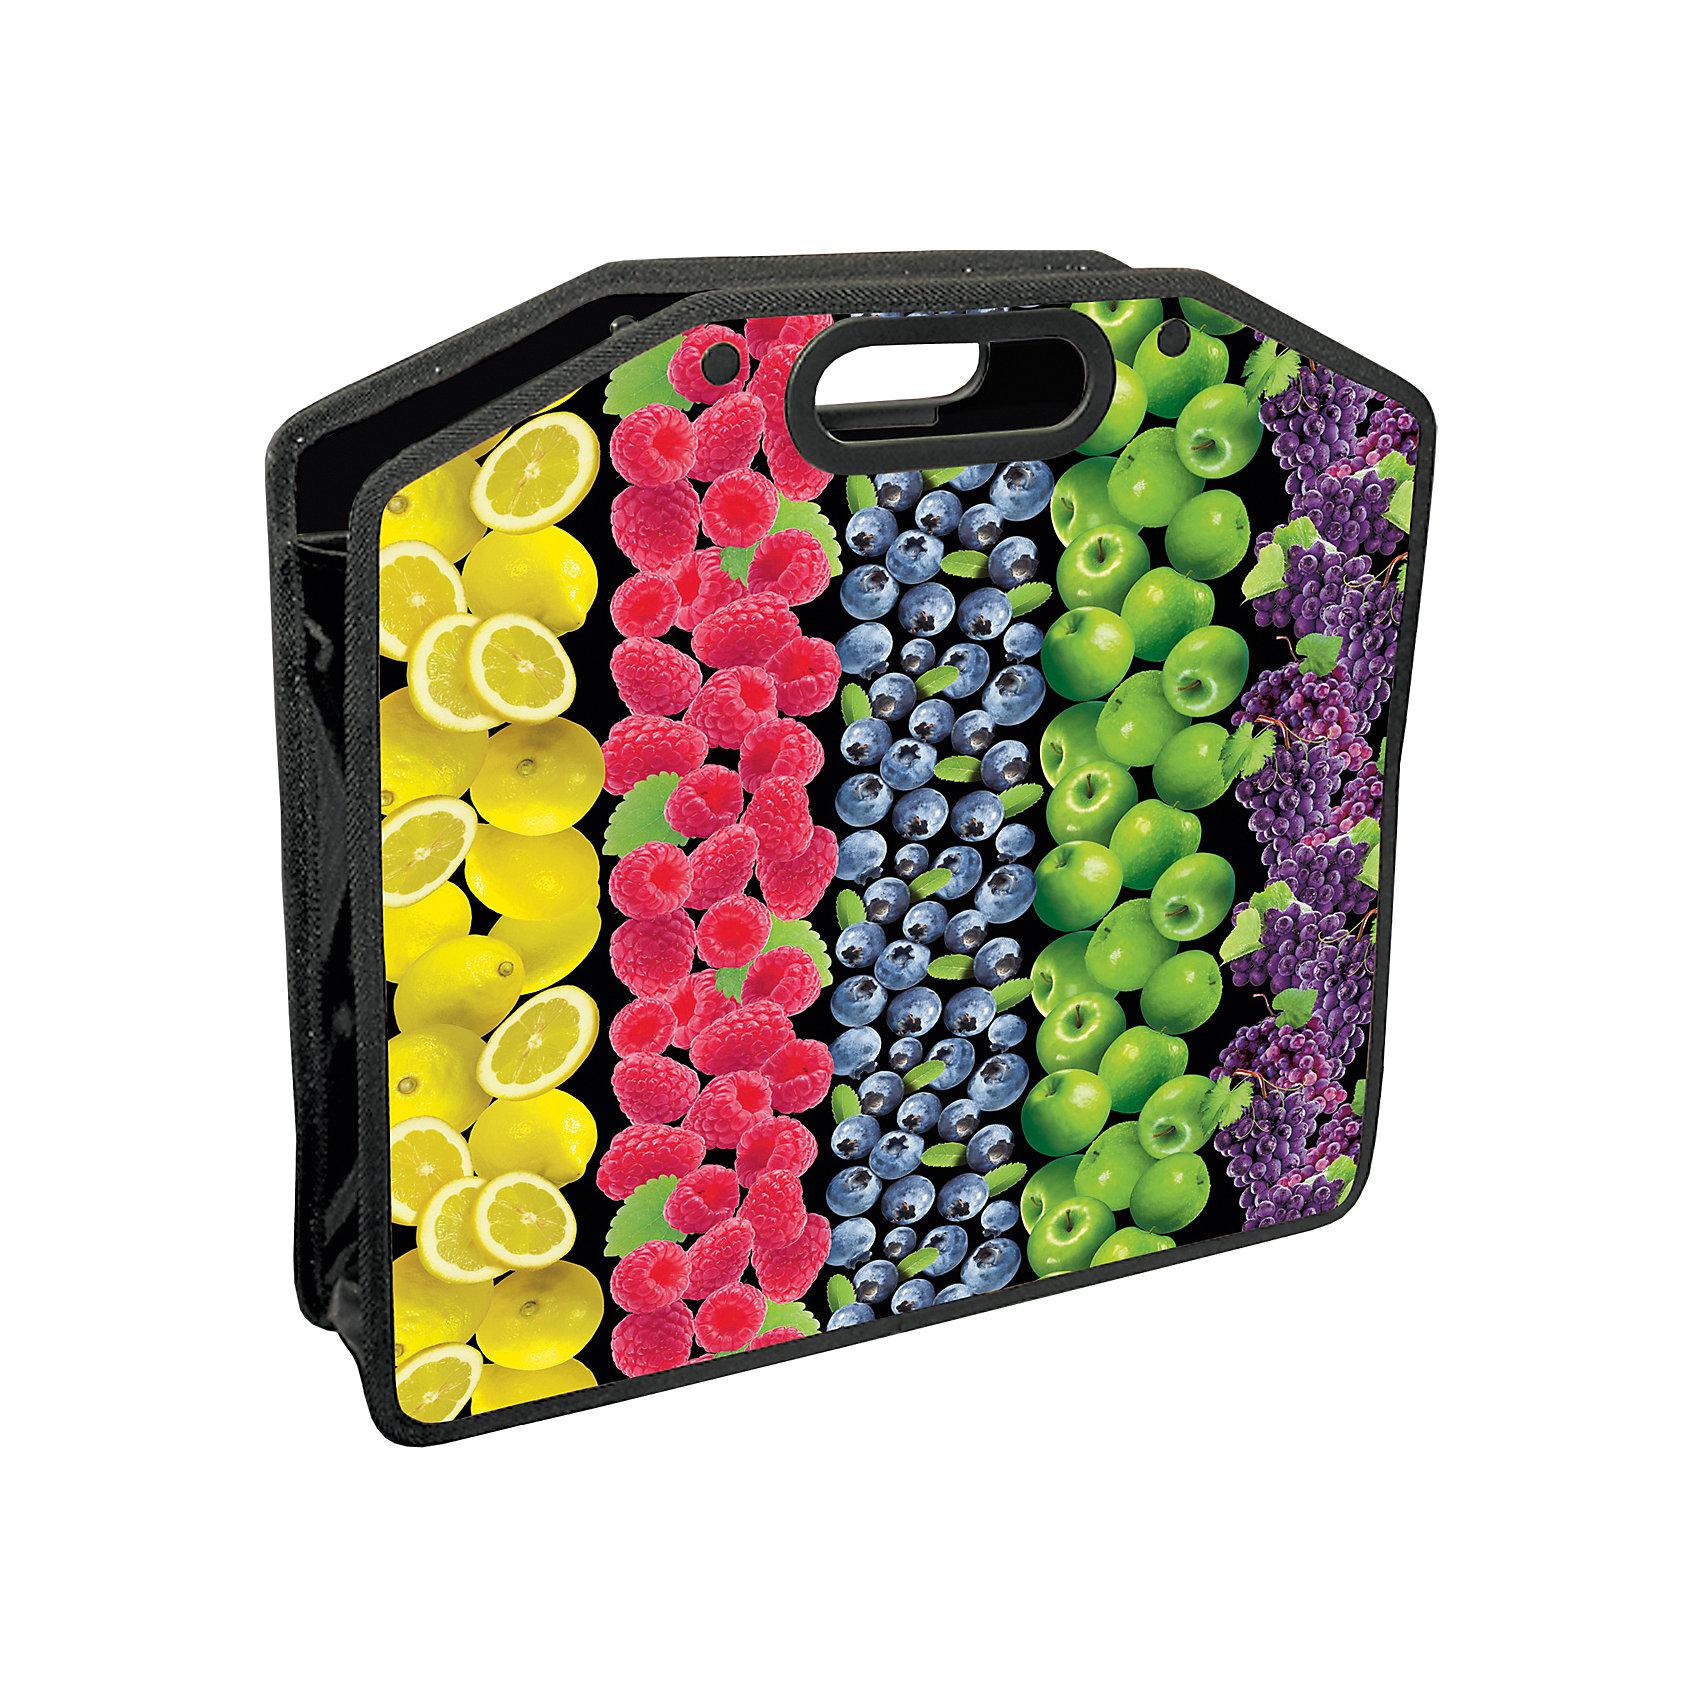 Папка-сумка Фрукты, А4Винтажная  пластиковая папка- сумка с изображением  фруктов и ягод .<br> Прекрасный сюрприз для ребенка к 1 сентября!<br><br>Дополнительная информация: <br><br>- 1 отделение.<br>- Застегивается на молнию.<br>- Материал - полипропилен.<br>- Толщина материала - 50 микрон.<br>- Размер (ВхШхГ) - 37?10?30 см<br>- Размер упаковки: 34х41х0,5 см.<br>- Вес в упаковке: 188 г.<br><br>Папку-сумку Фрукты можно купить в нашем магазине.<br><br>Ширина мм: 340<br>Глубина мм: 410<br>Высота мм: 5<br>Вес г: 188<br>Возраст от месяцев: 72<br>Возраст до месяцев: 144<br>Пол: Унисекс<br>Возраст: Детский<br>SKU: 4792766